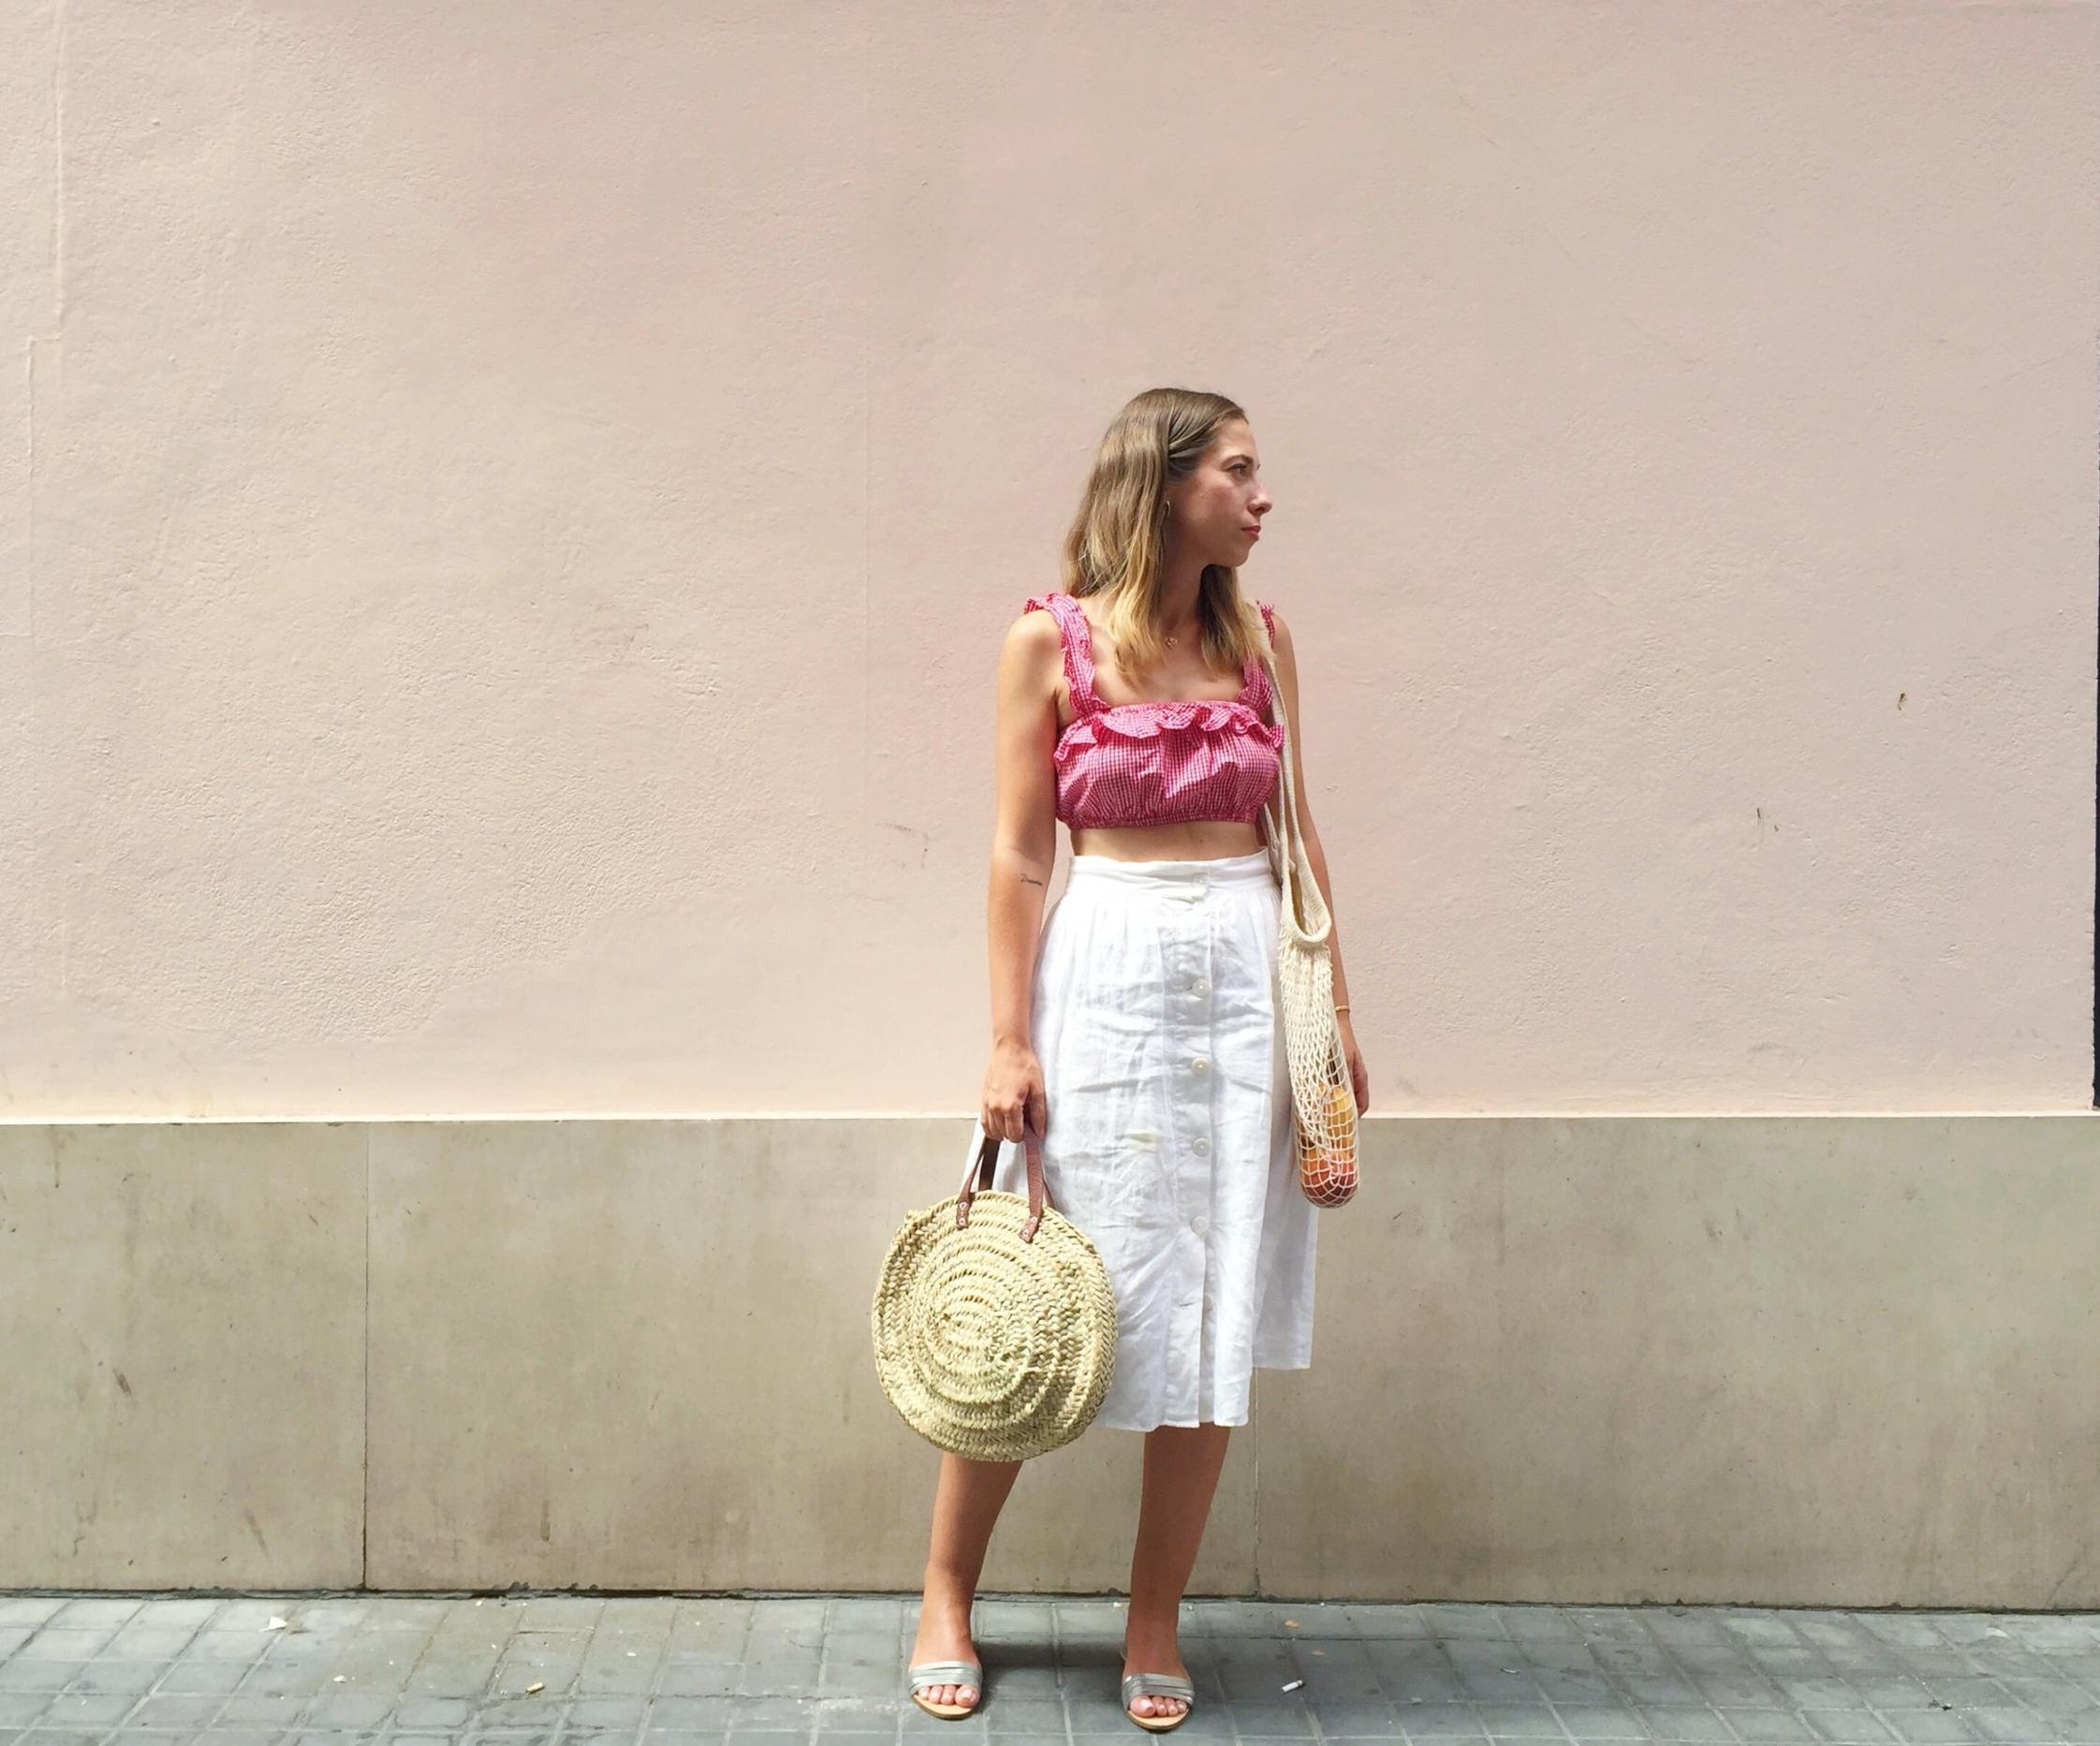 Flor de Lis B. Ruiz - Apasionada del mar, las palmeras y los colores pastel. Creativa, soñadora, creadora de Sandinmyshoes DECO.Le gusta fotografiar e inspirarse en el día a día.Madrid - España